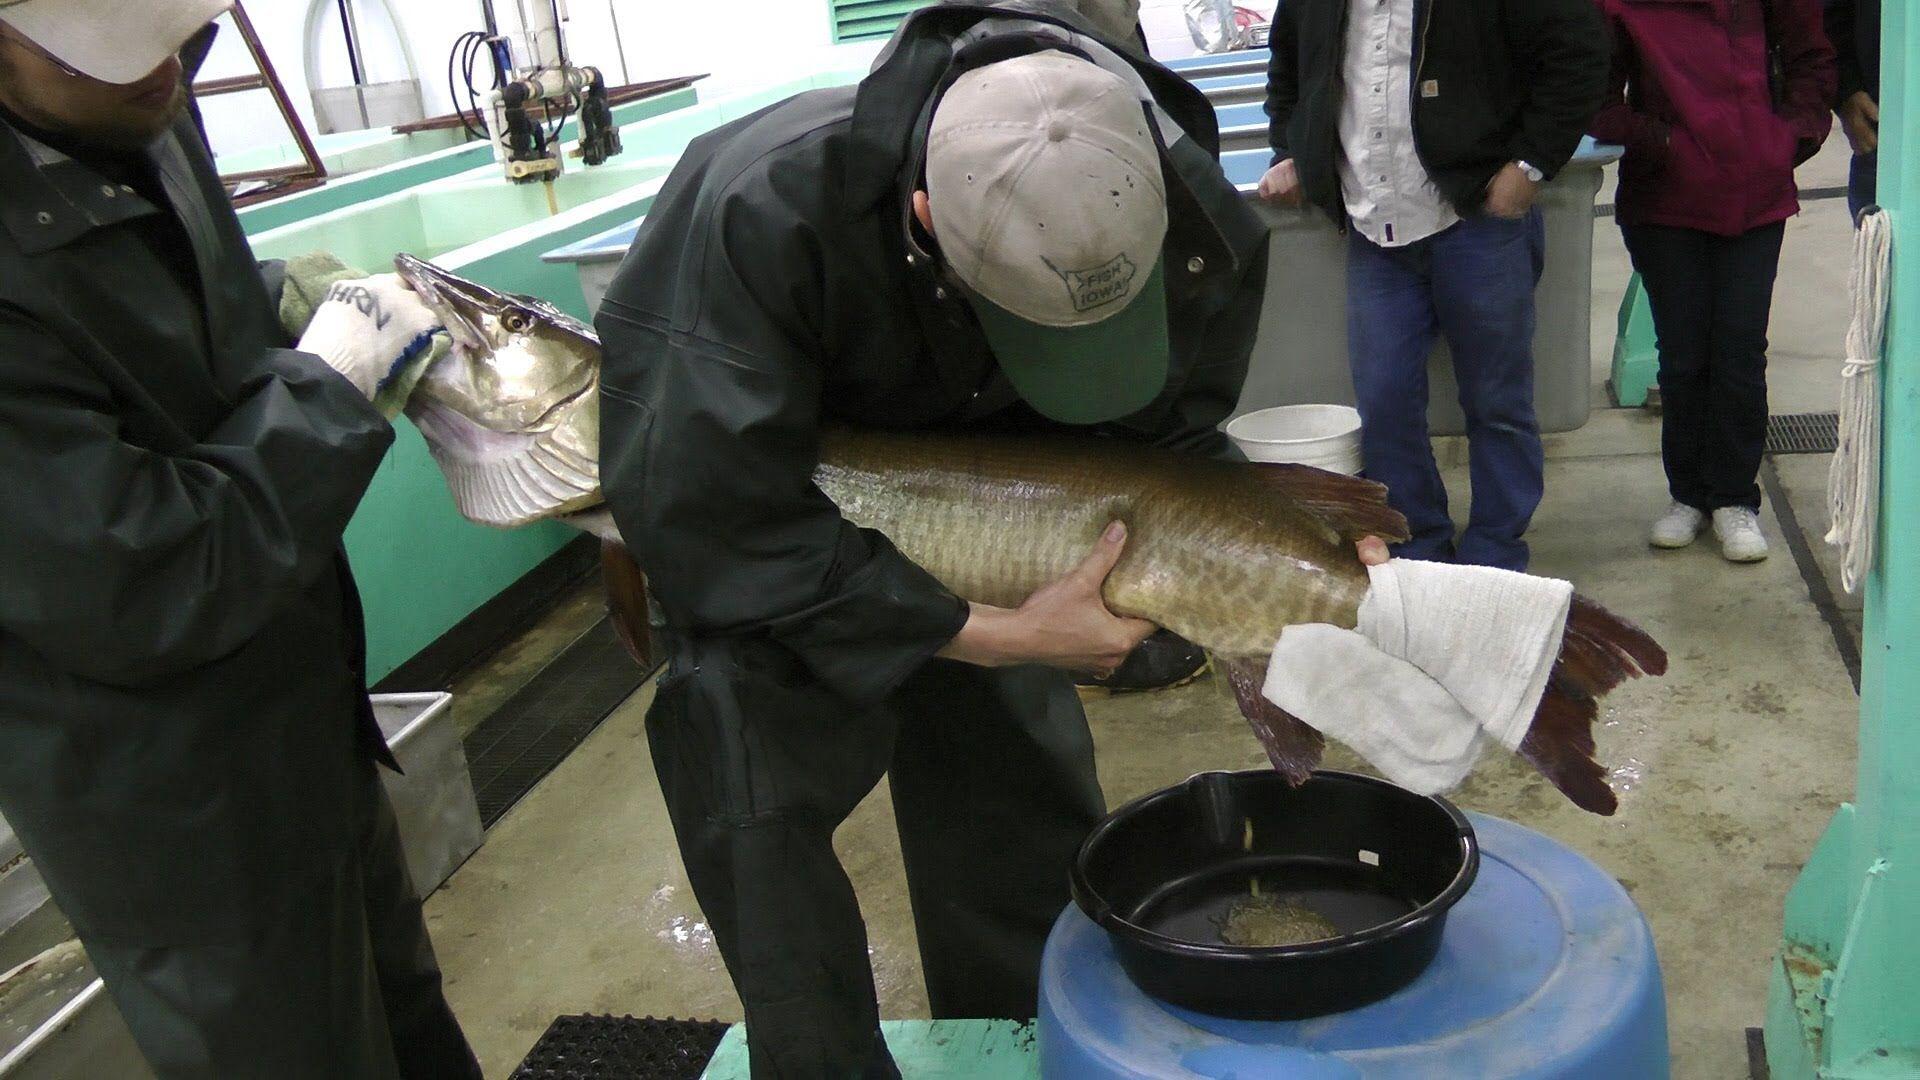 49# and 20 year old Muskie at Spirit Lake Iowa Fish Hatchery